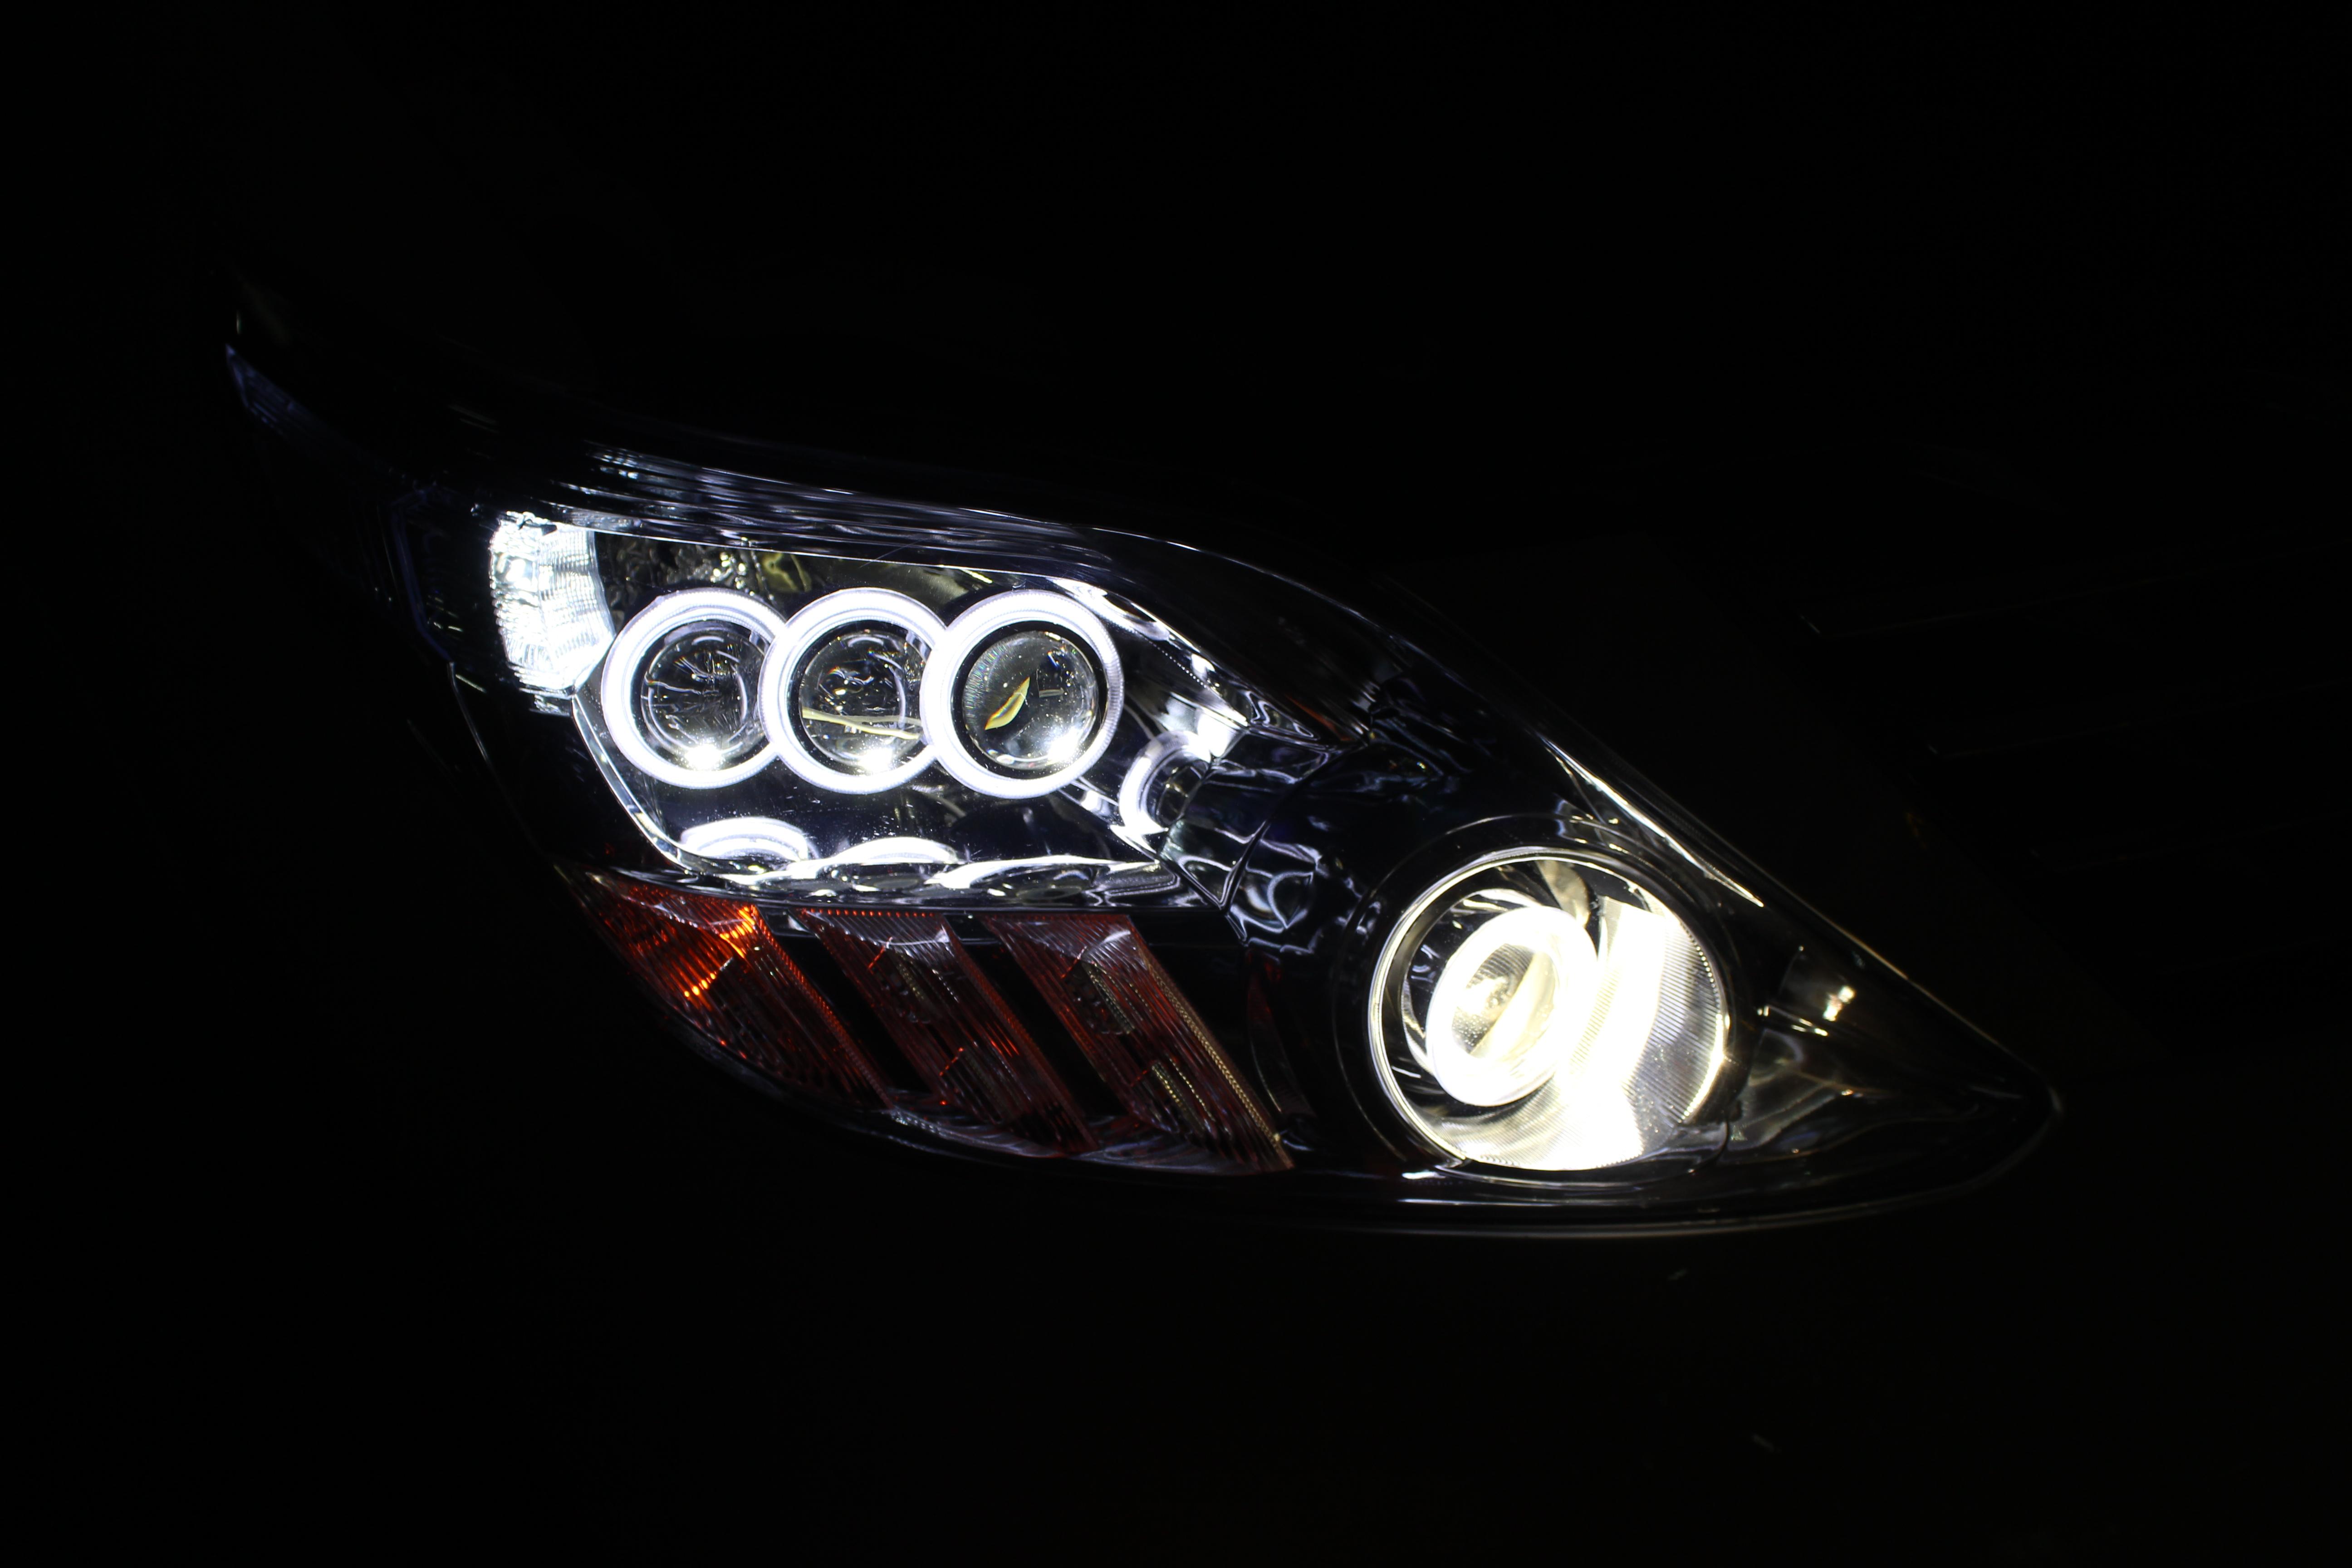 灯知识咨询·大灯升级改装·灯饰方案设计·大灯维护修理   高清图片